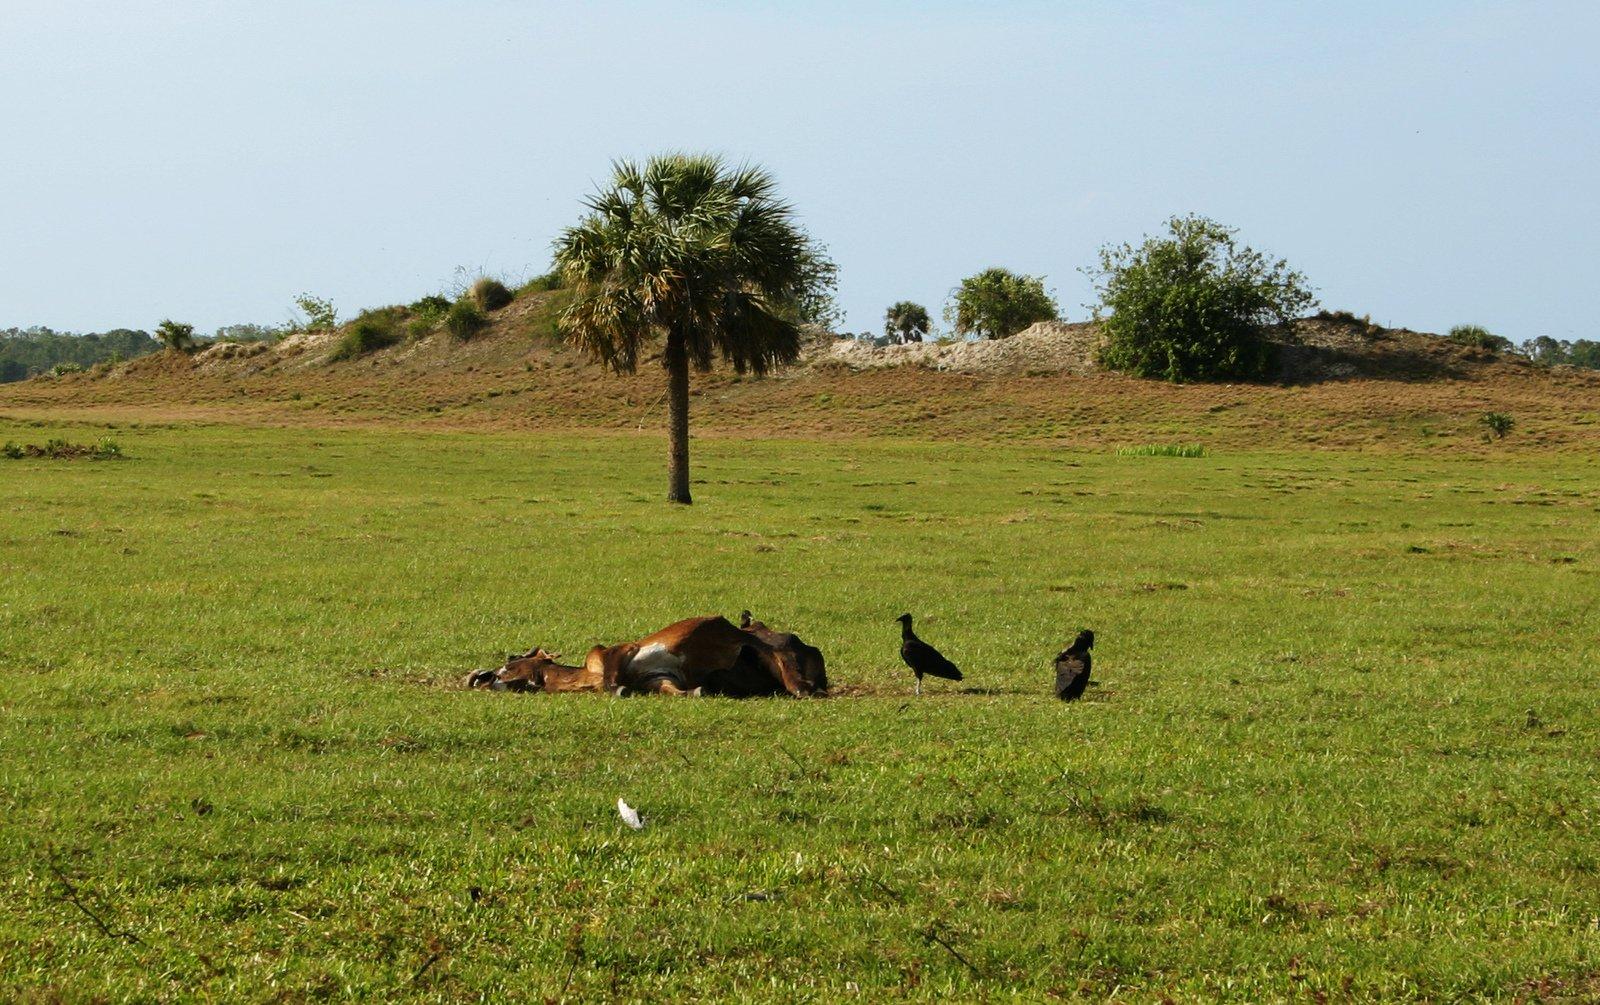 Vultures abound